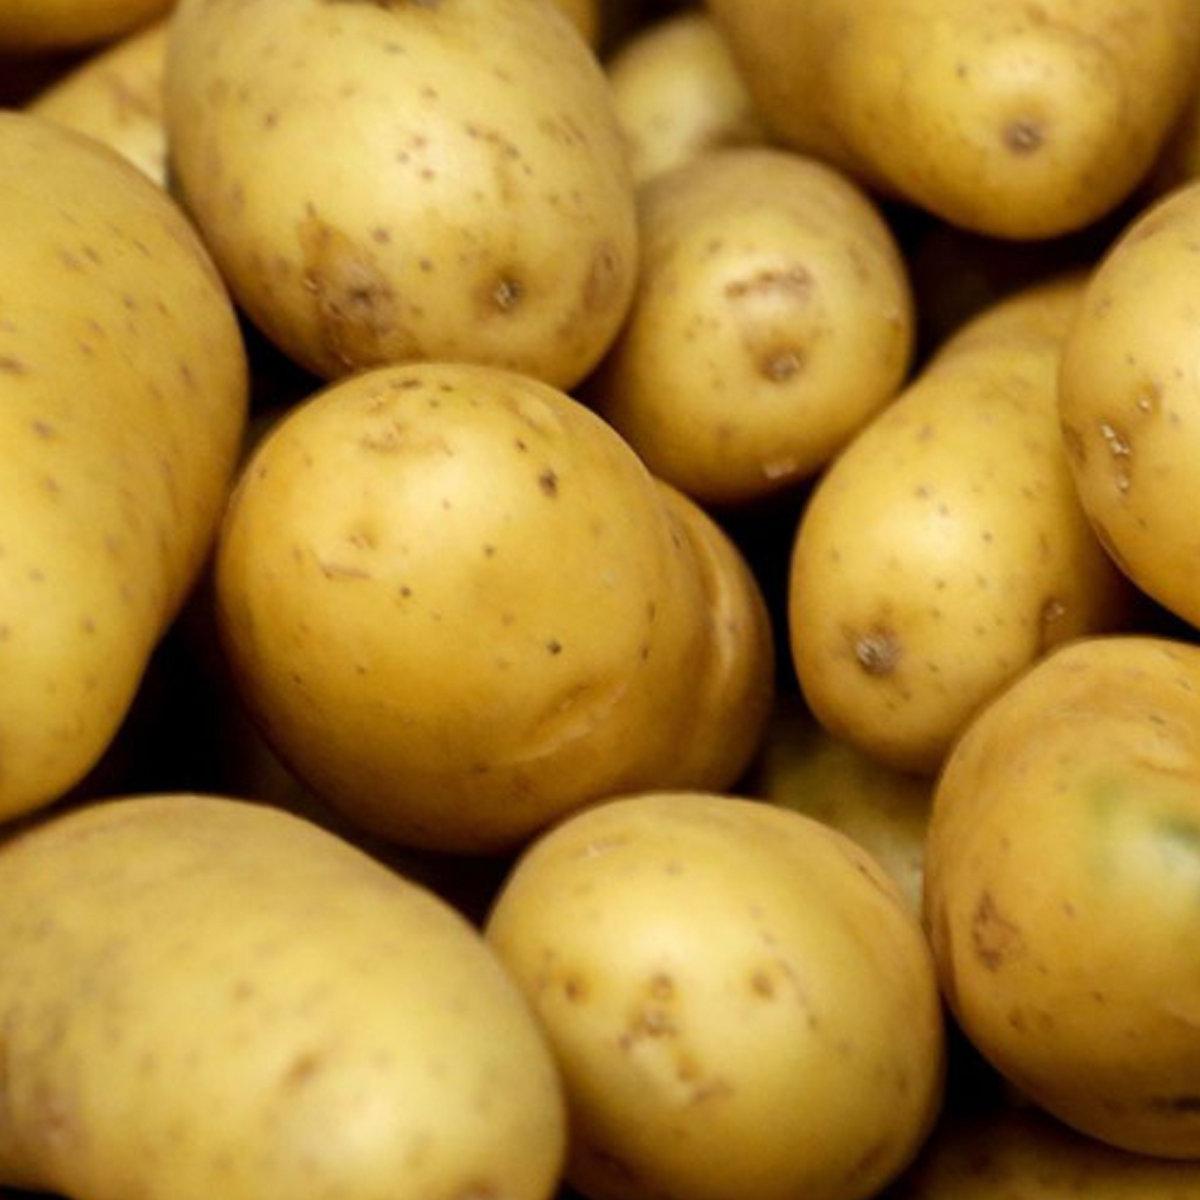 L'ère De La Patate (Chanson Avec Vos Commres) | Ohponyboy dedans Chanson De La Patate